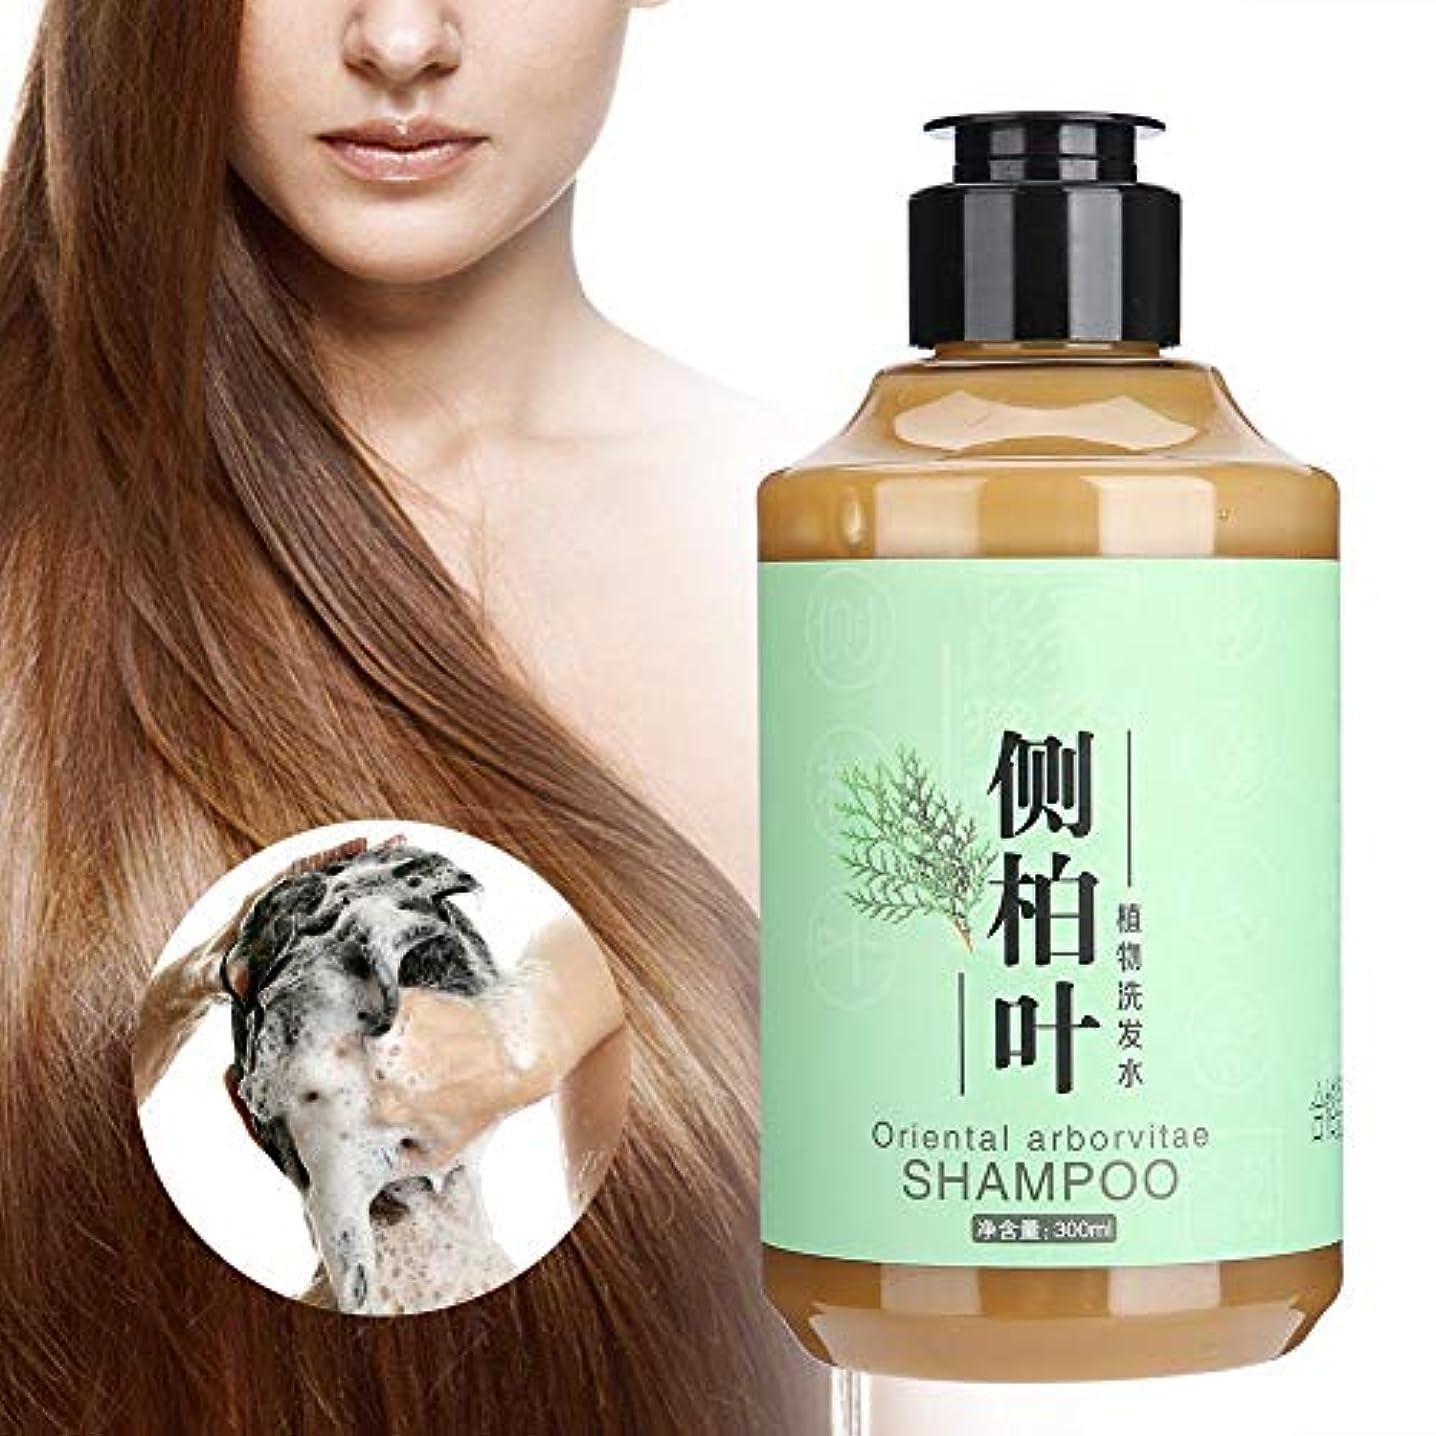 普通にホラーシンポジウムシャンプー、髪の毛の栄養補給、髪の毛の根元の栄養補給、すべての髪のタイプの男性と女性のための抜け毛の栄養補給用シャンプー